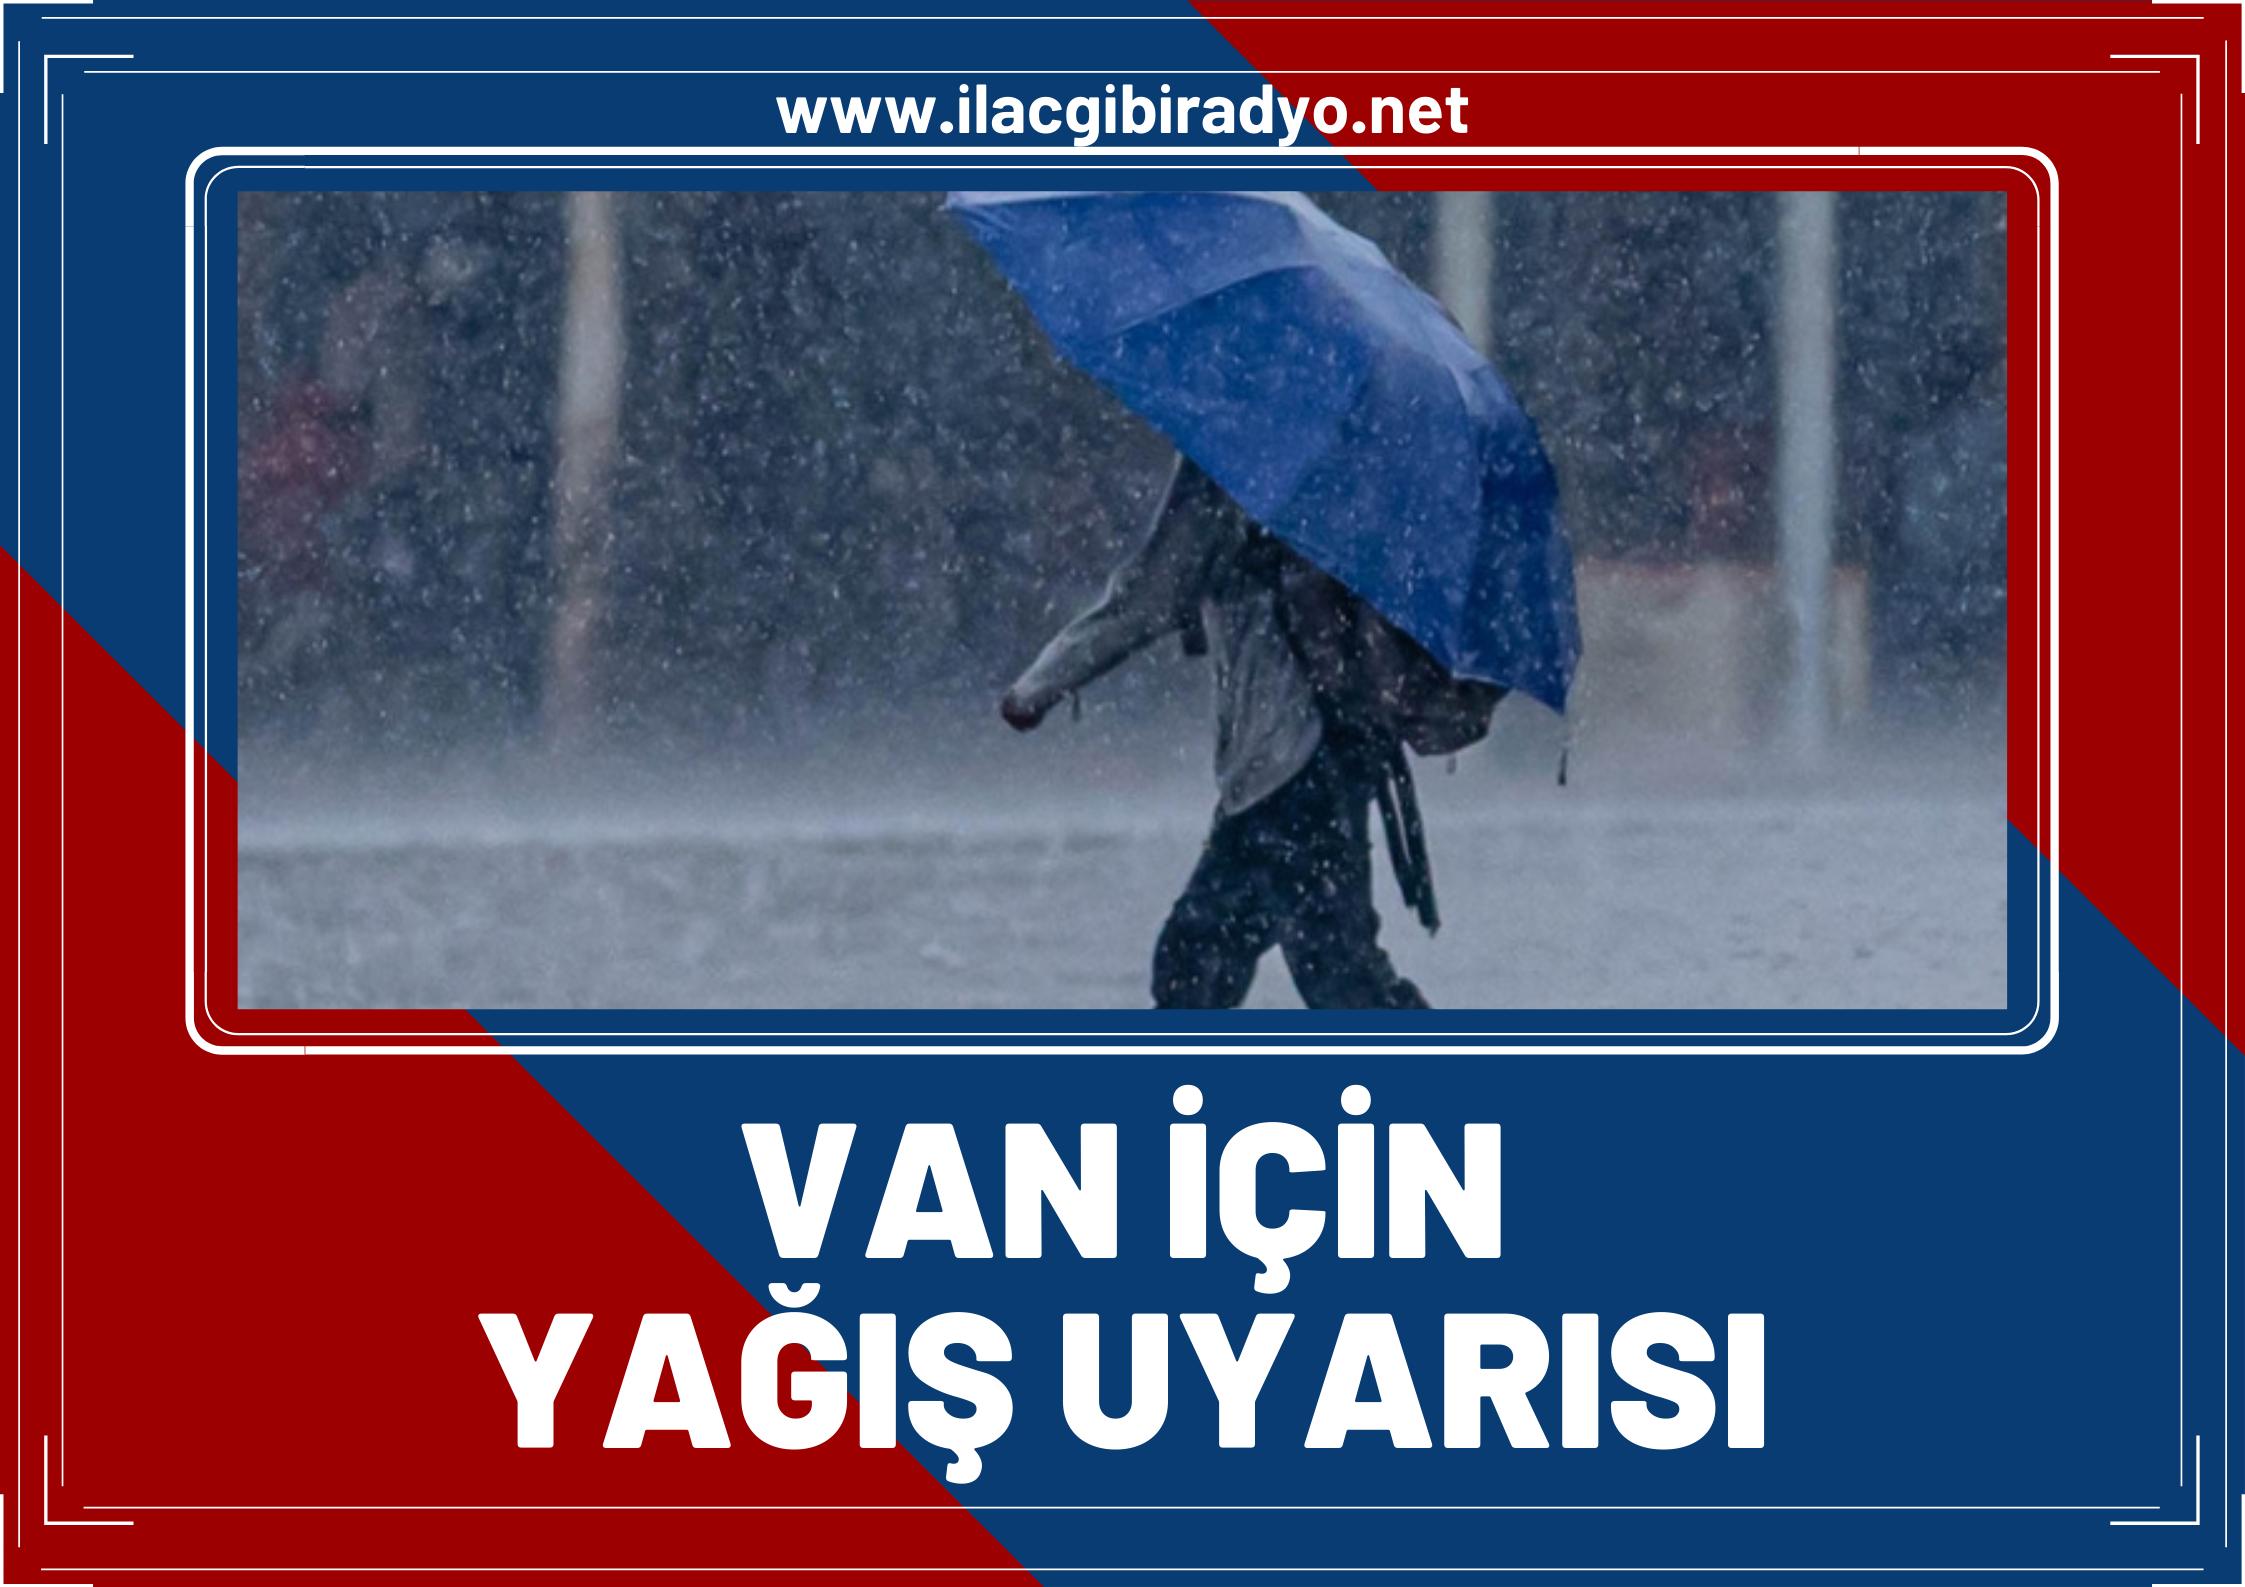 Van için yağış uyarısı!